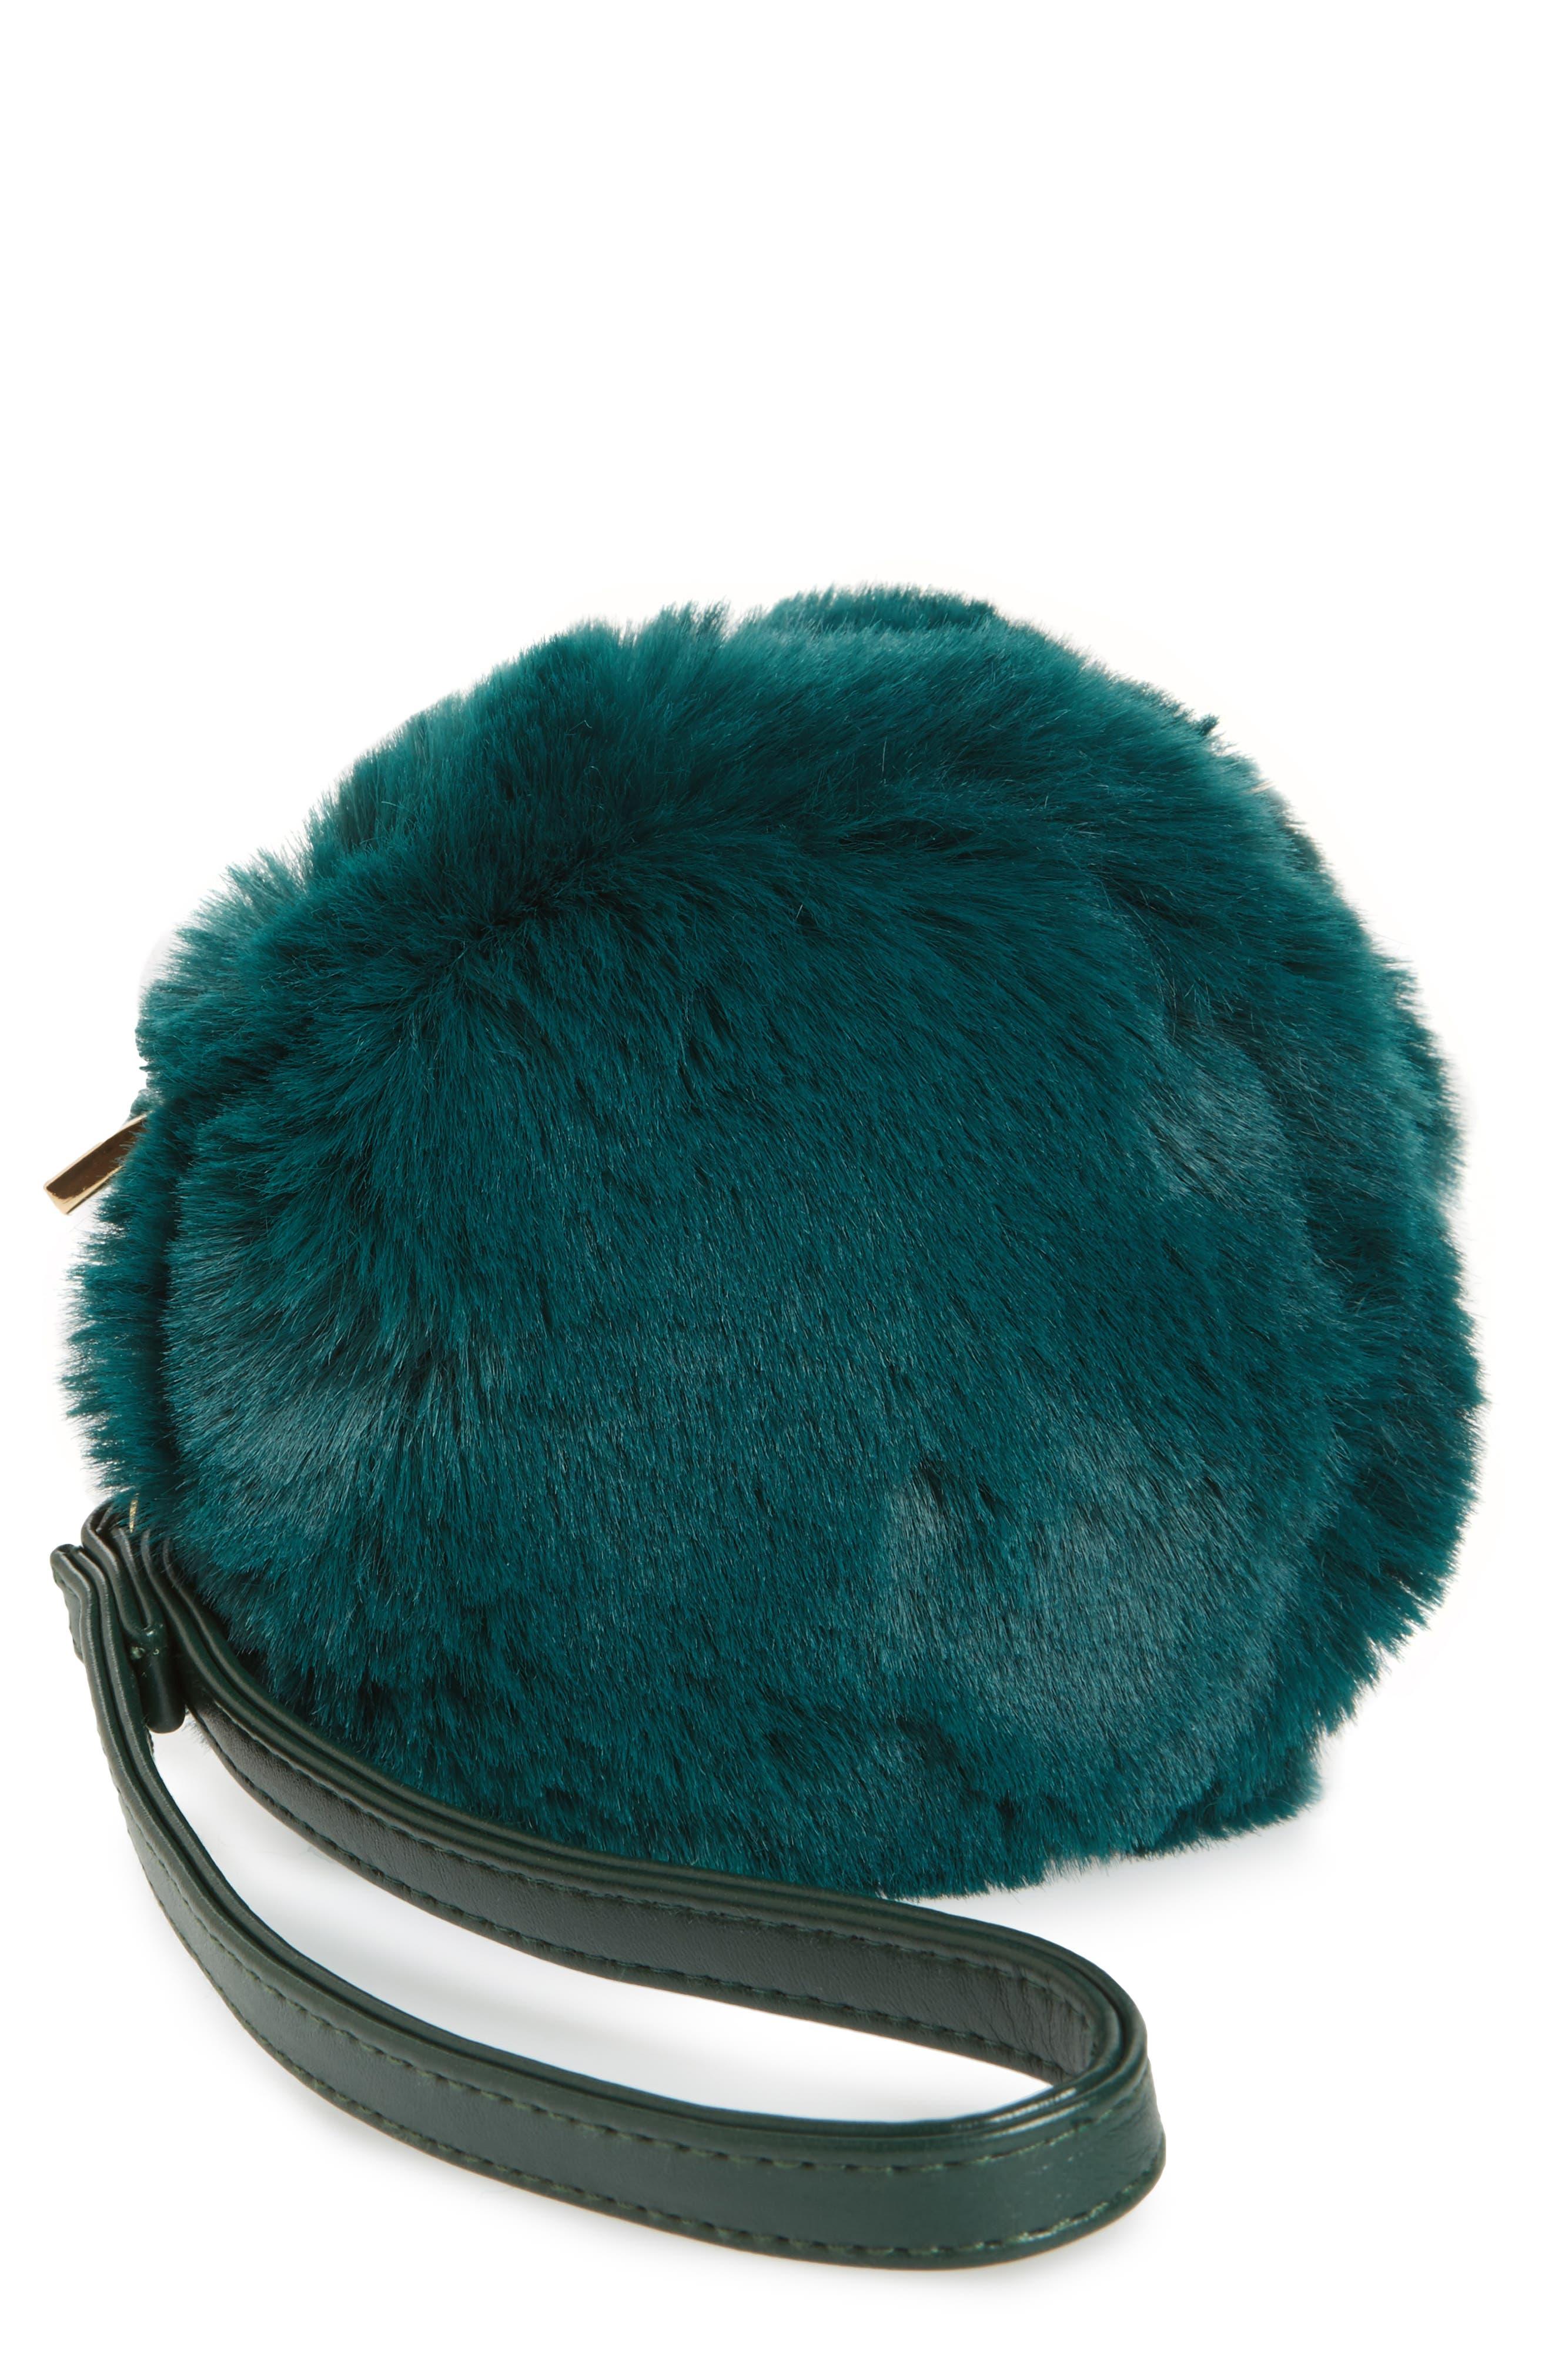 Macaron Faux Fur Wristlet,                             Main thumbnail 1, color,                             Green